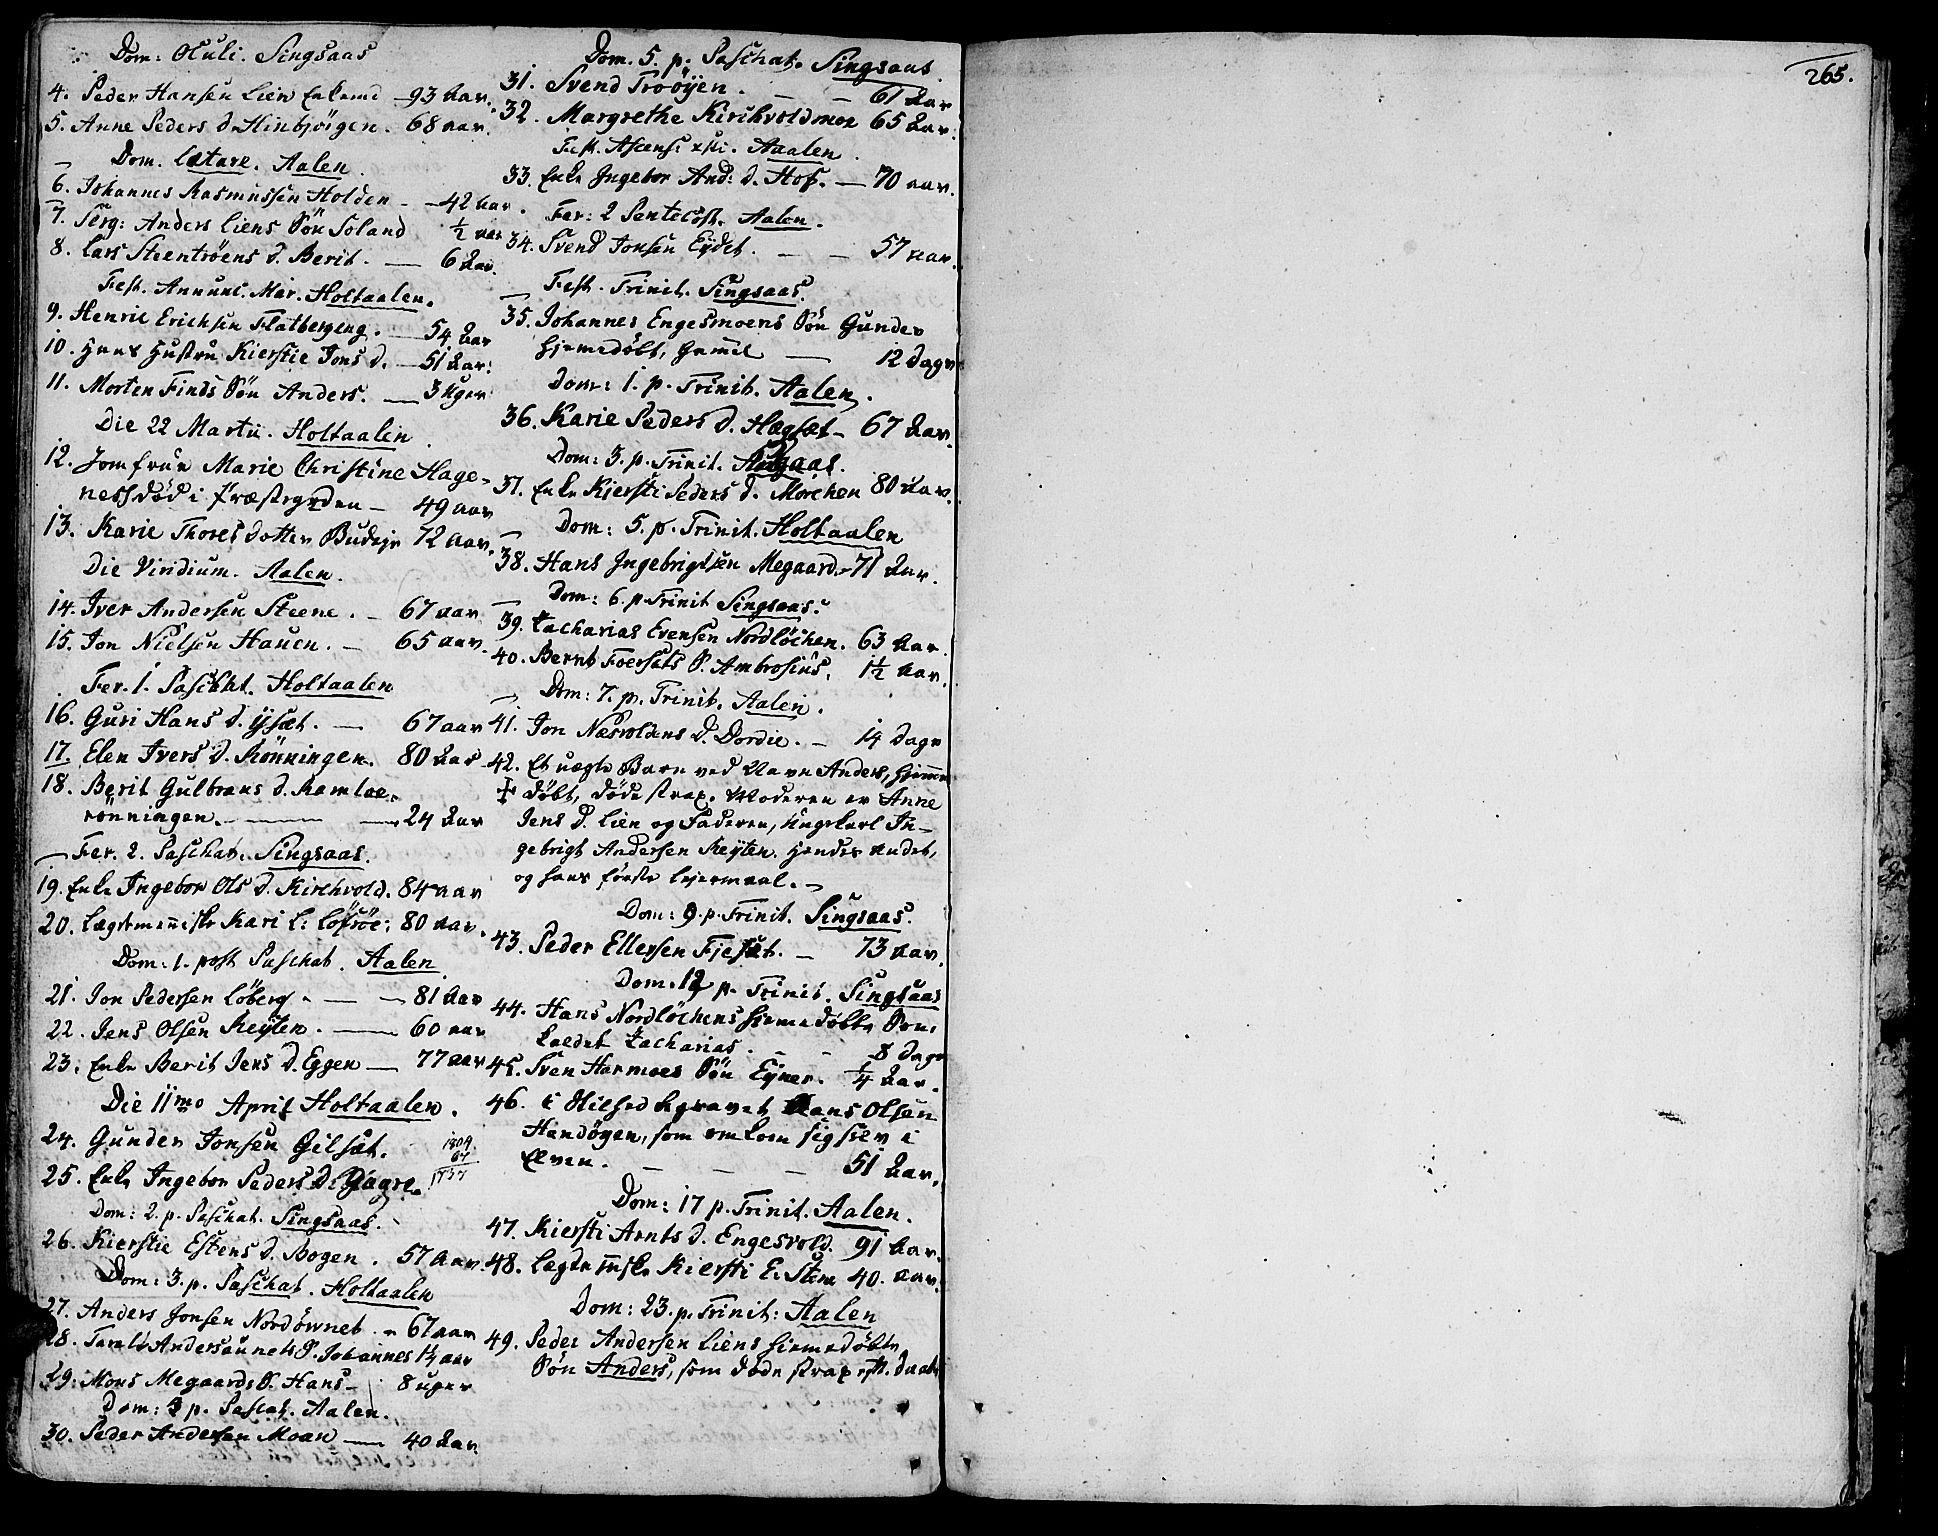 SAT, Ministerialprotokoller, klokkerbøker og fødselsregistre - Sør-Trøndelag, 685/L0952: Ministerialbok nr. 685A01, 1745-1804, s. 265